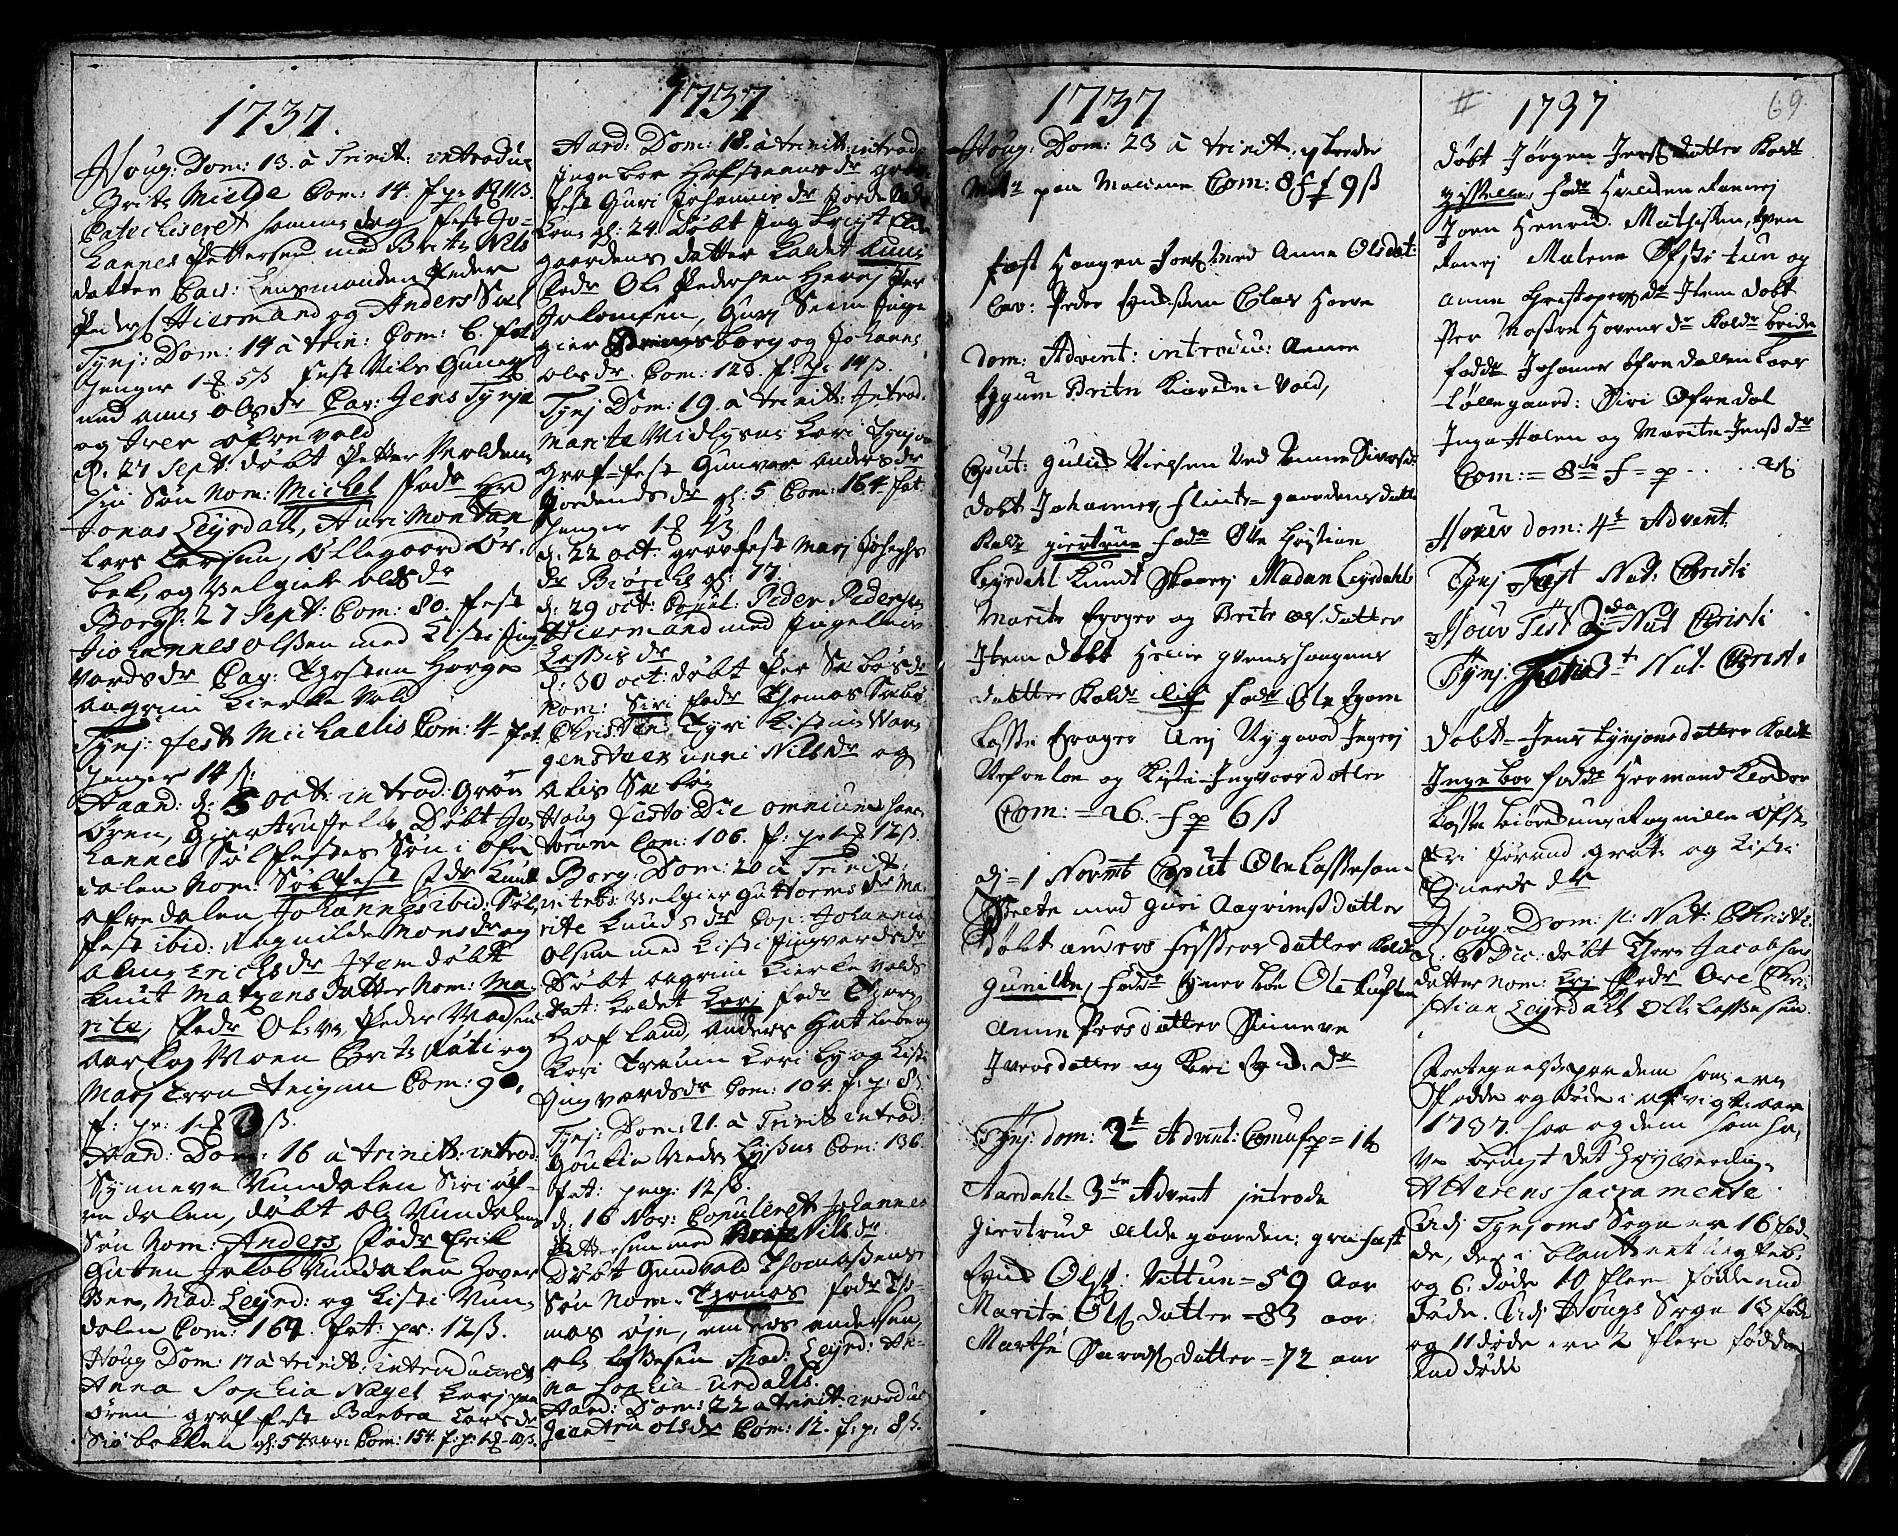 SAB, Lærdal sokneprestembete, Ministerialbok nr. A 1, 1711-1752, s. 69